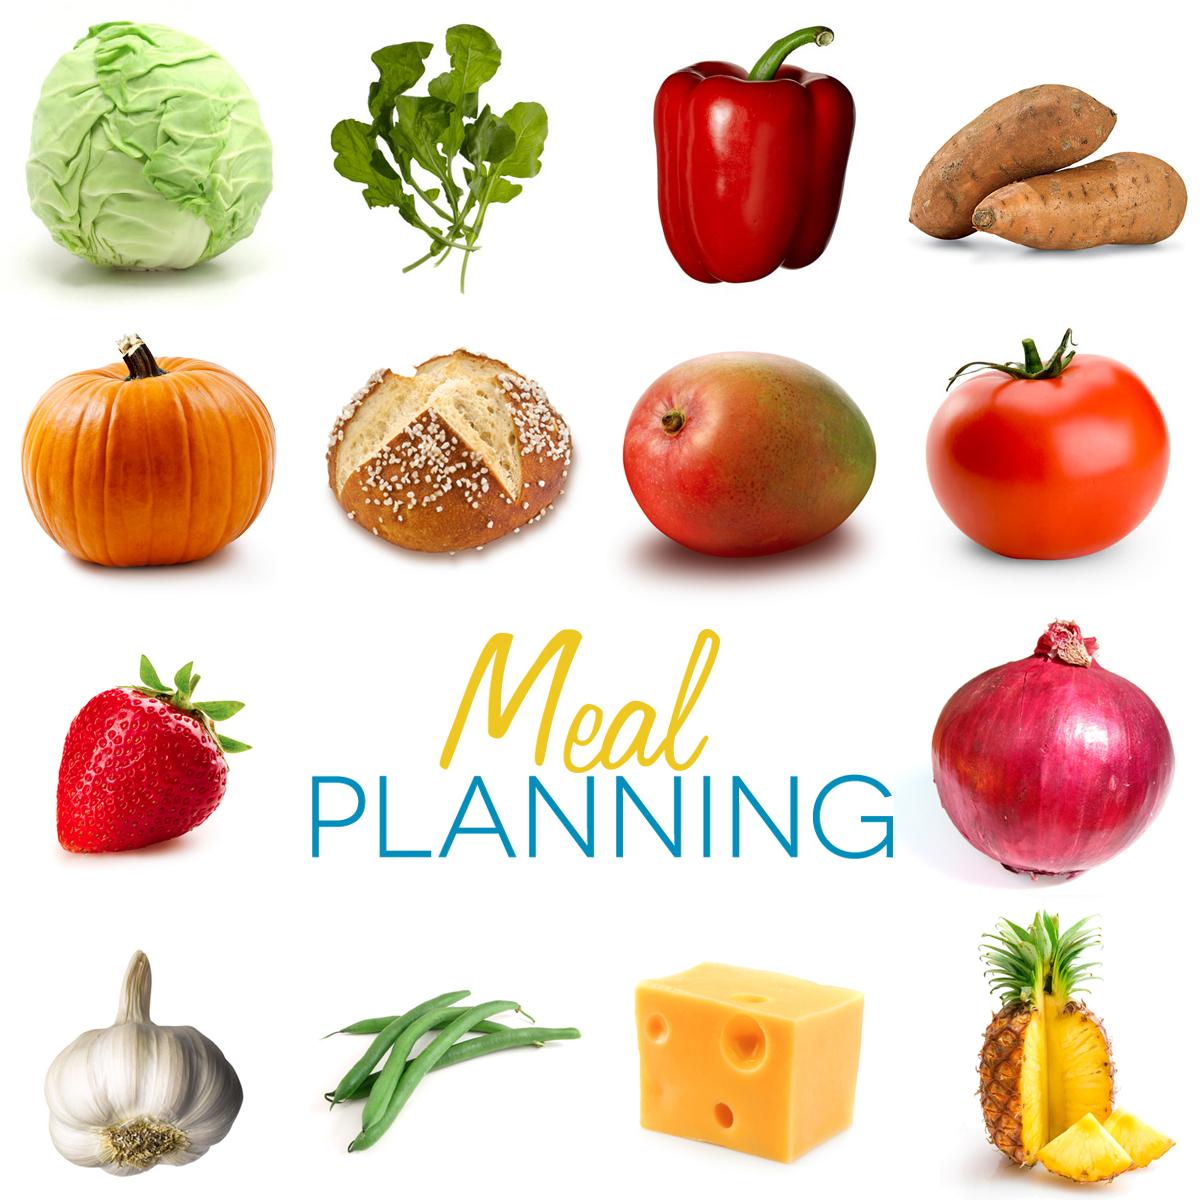 meal planning - Một giải pháp hoàn toàn mới giúp bạn lên thực đơn bữa ăn để cắt giảm chi tiêu